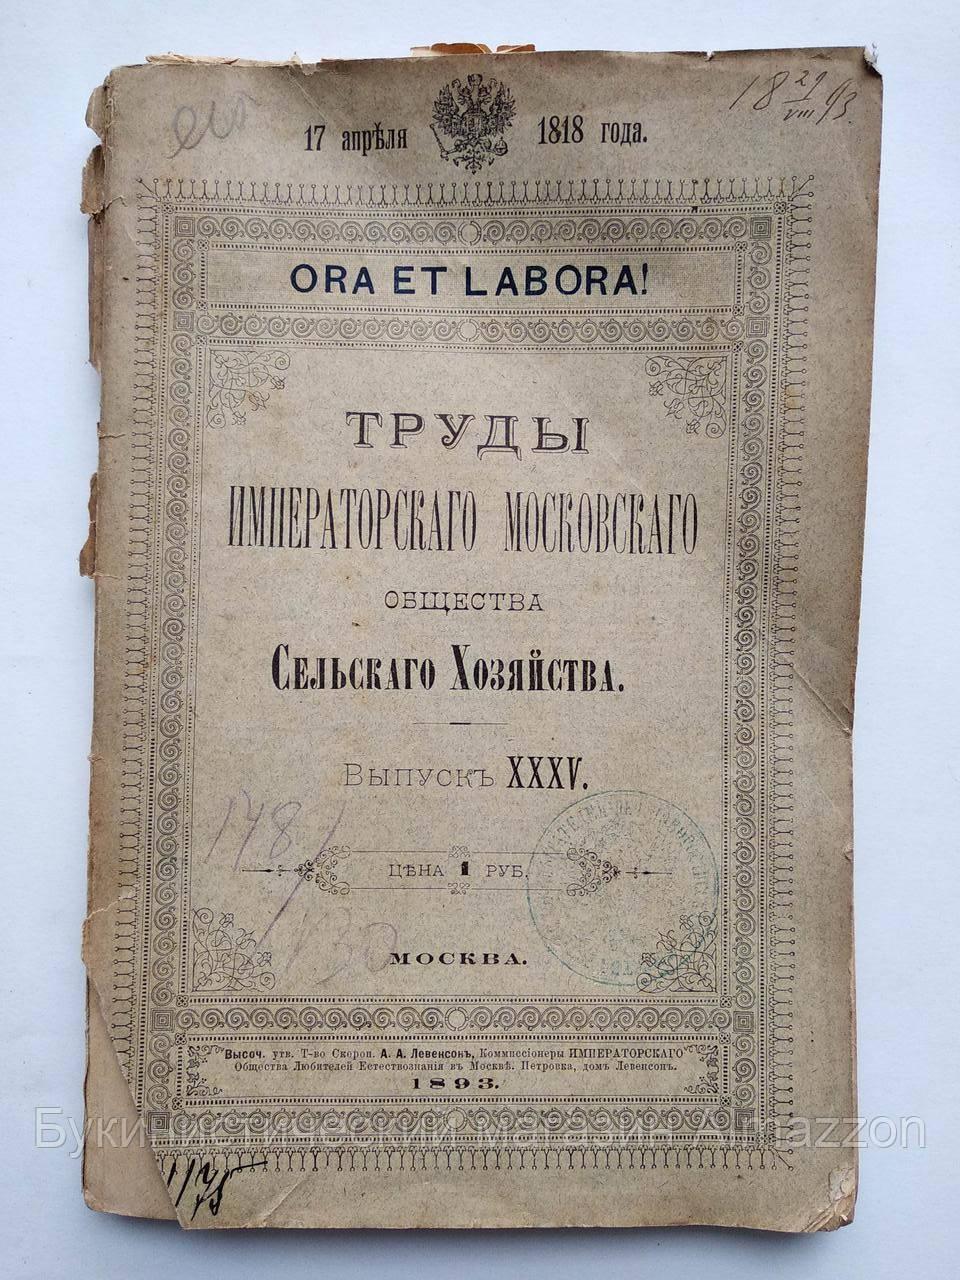 1893 Труды Императорского Московского общества сельского хозяйства